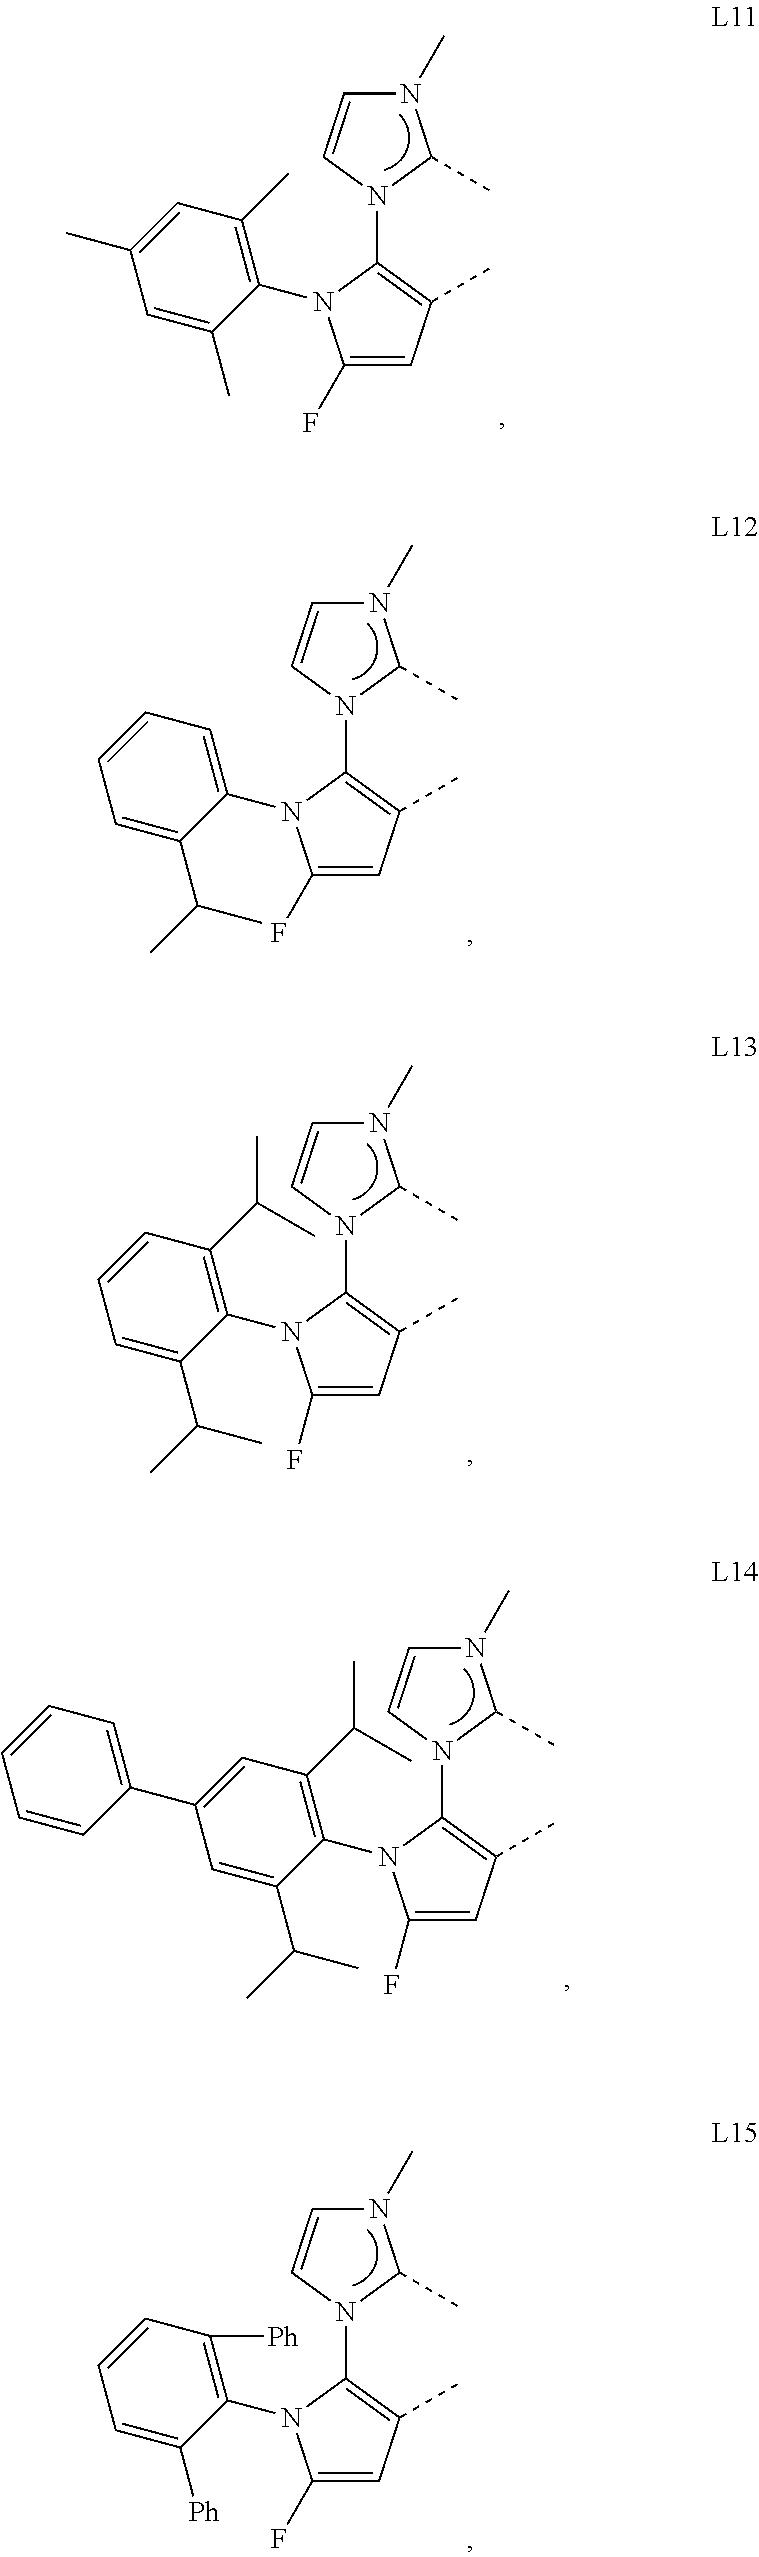 Figure US09935277-20180403-C00007